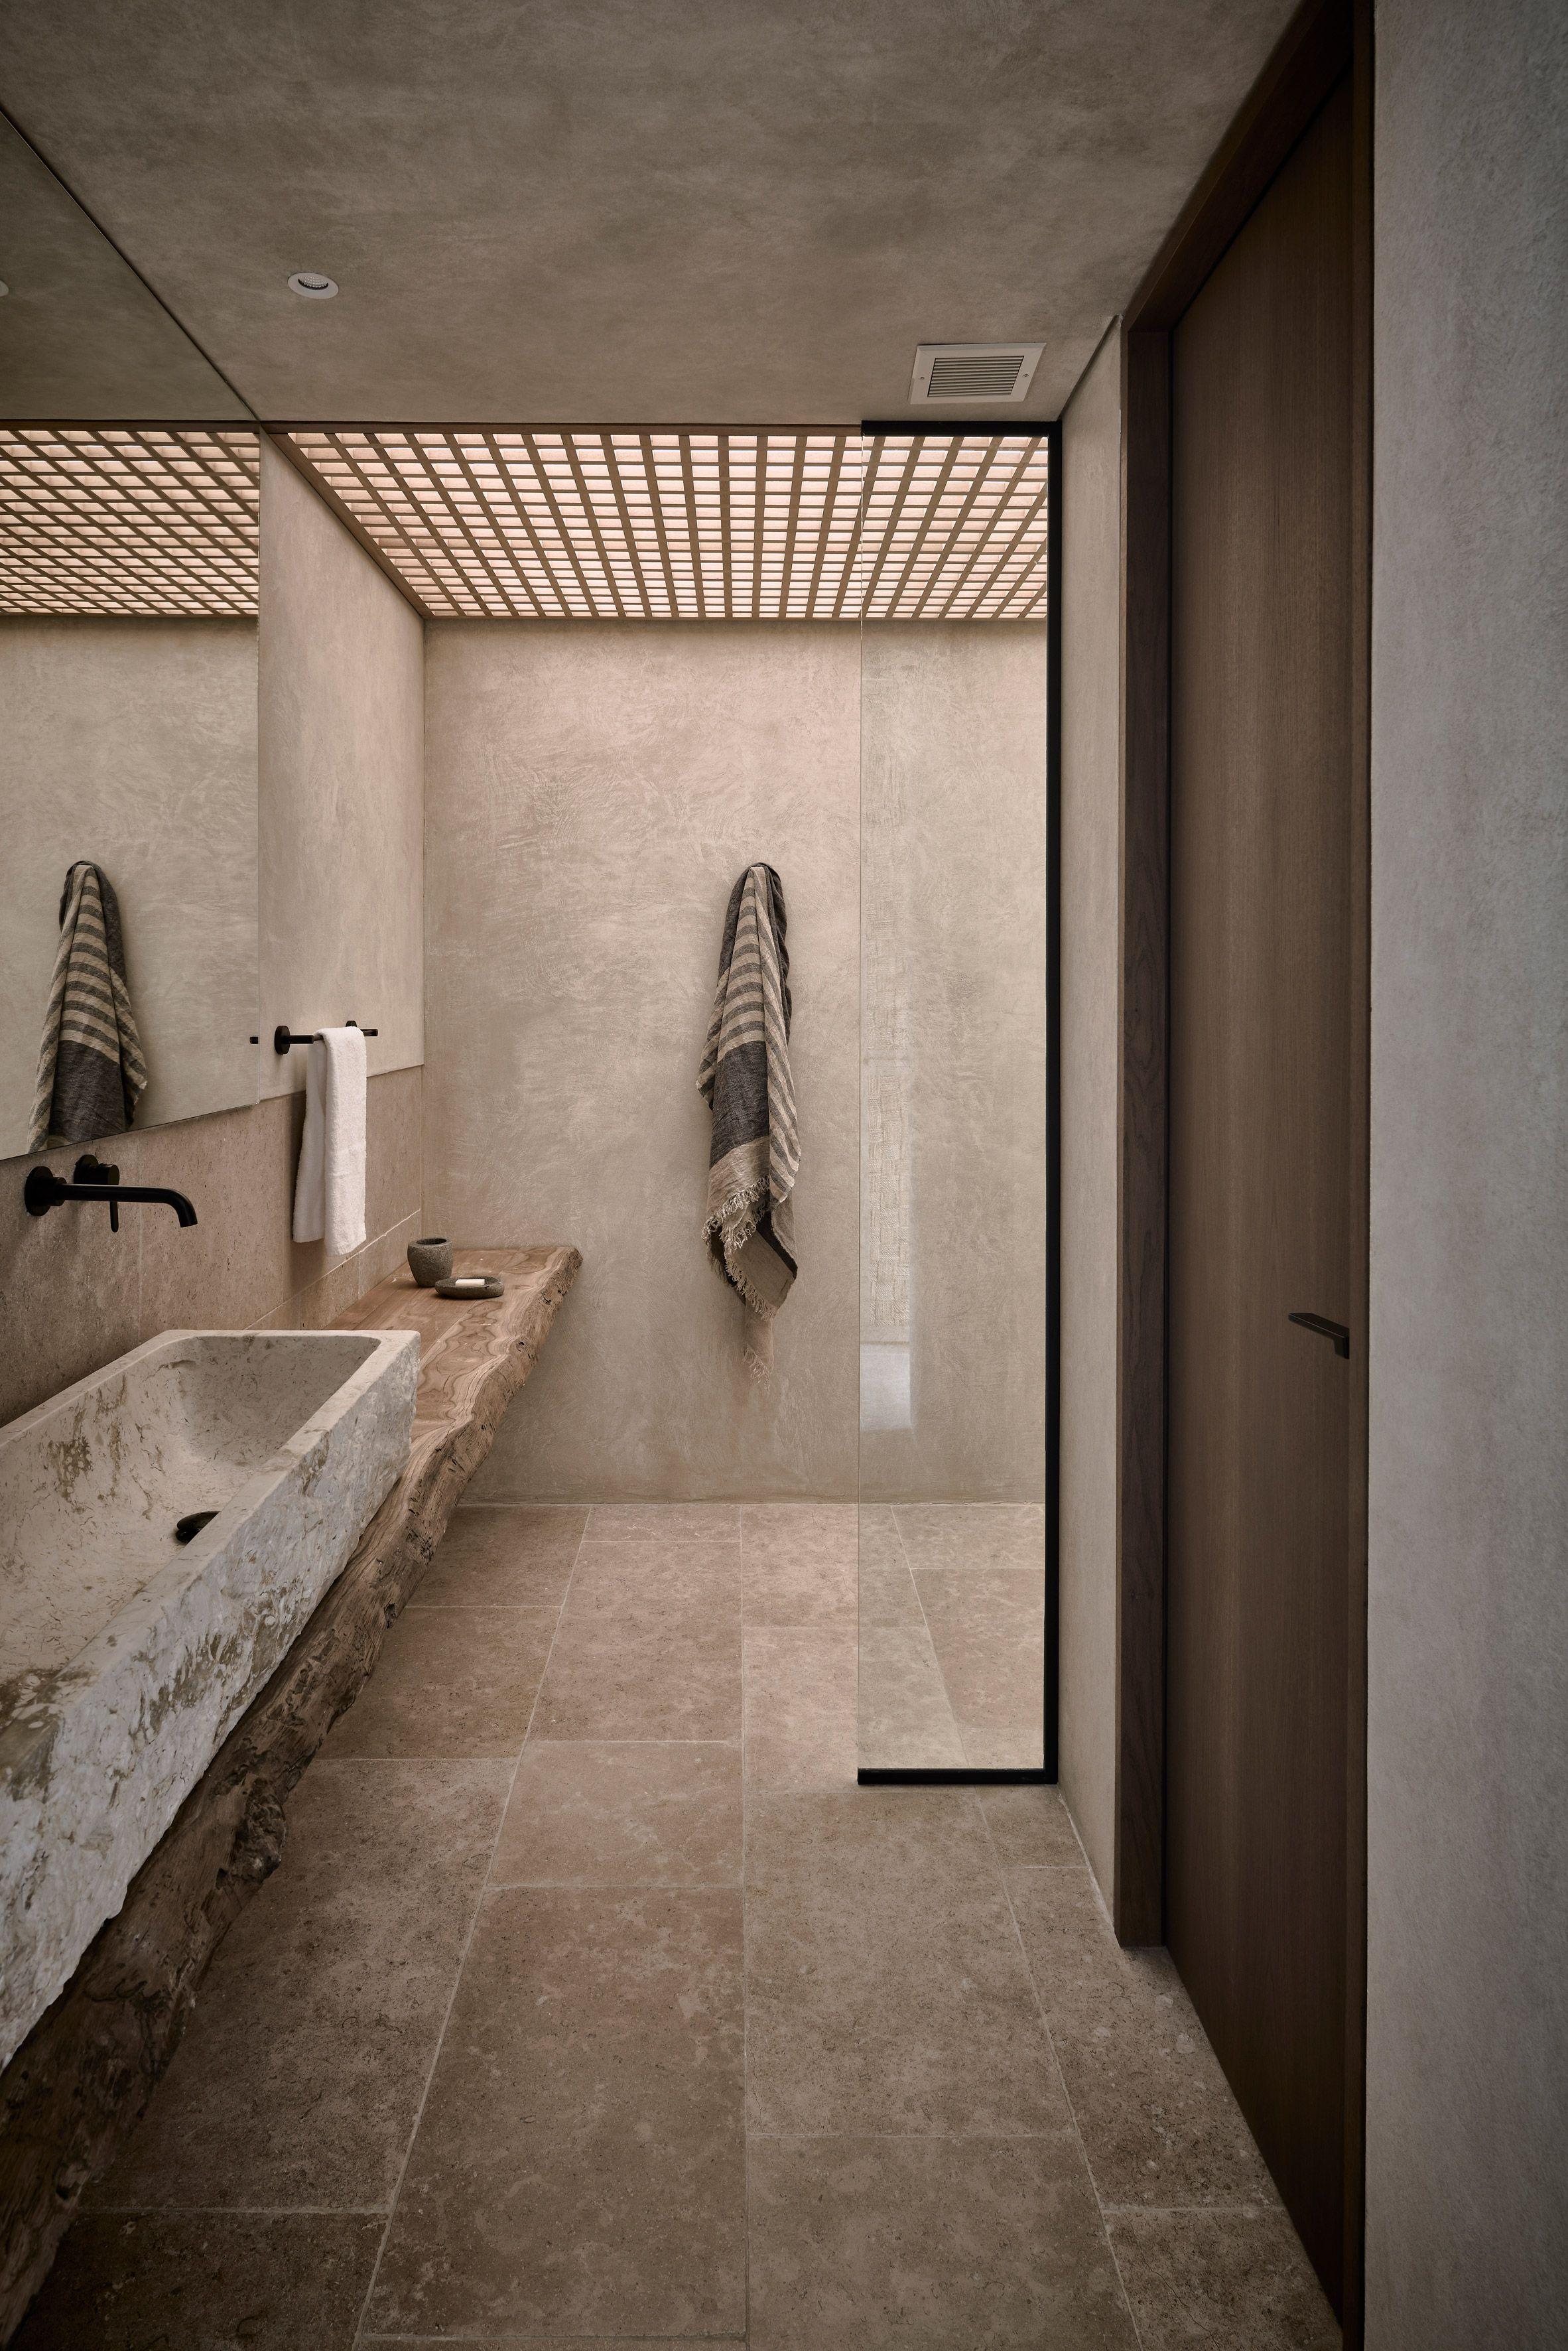 badkamer inspiratie luxe natuurlijke materialen griekenland olea hotel door block722 architects via dezeen